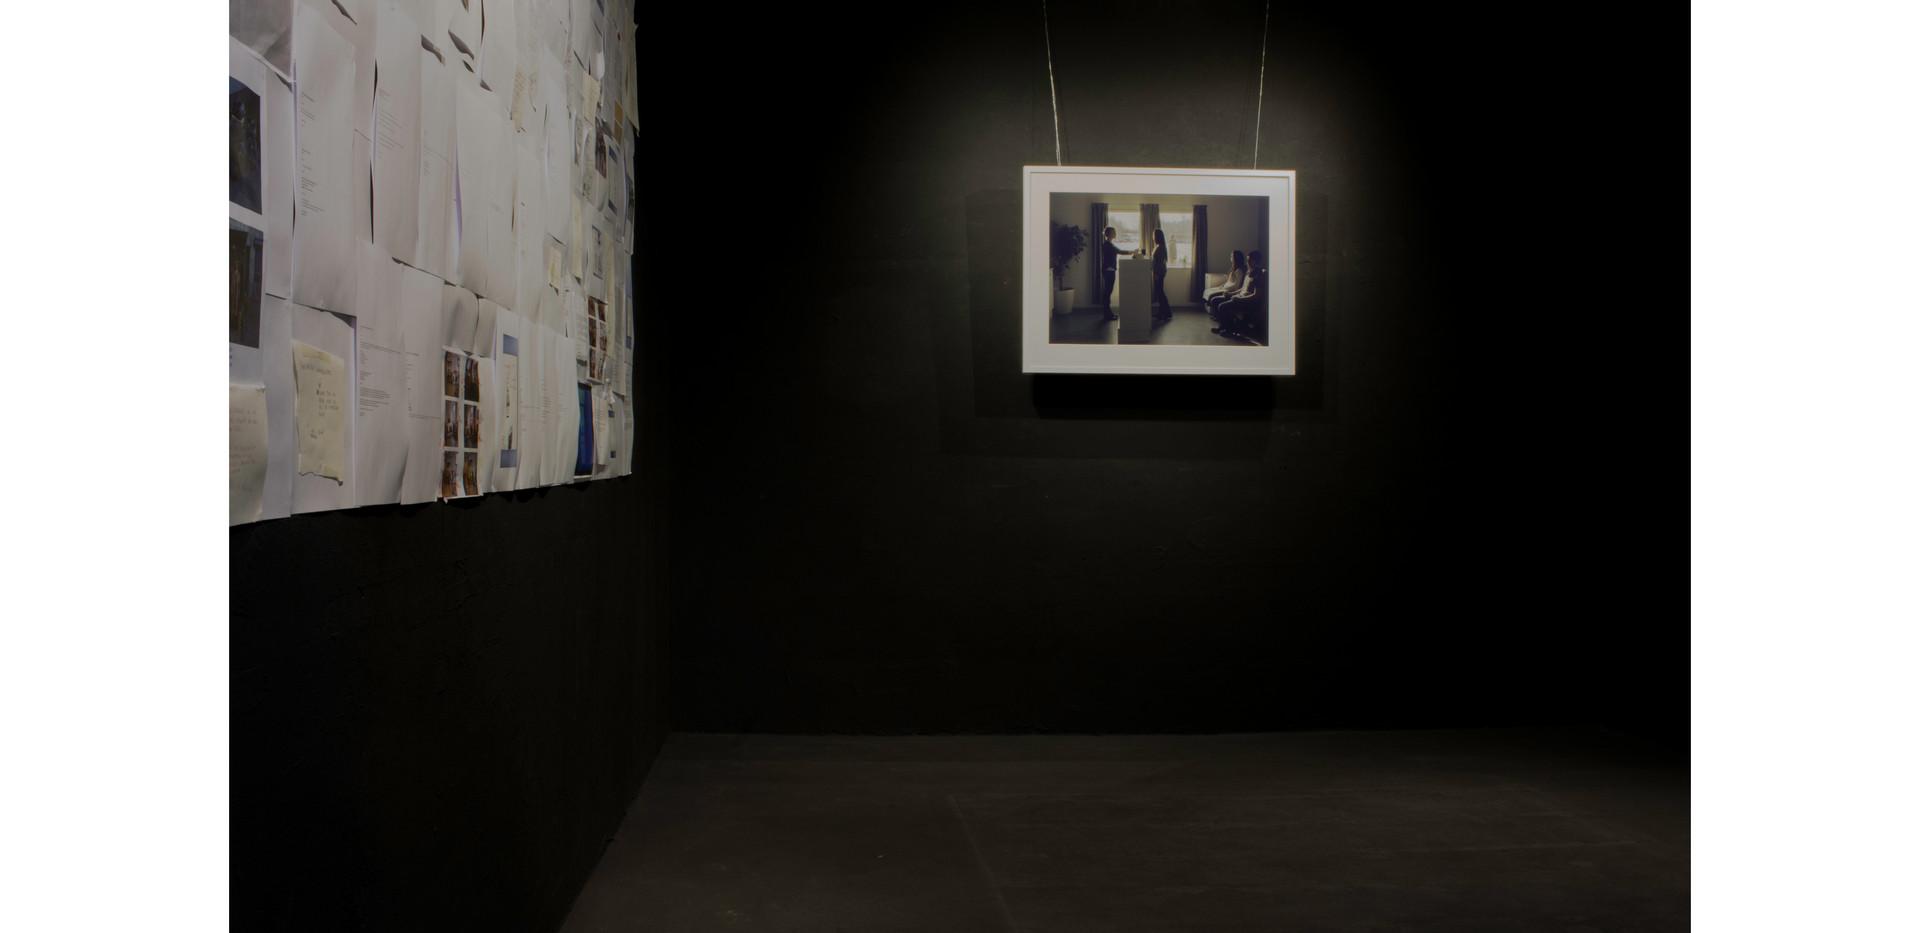 I utställnigen visar Peter Stridsberg ett utforskande om offentliga rum som finns i samhället. Rummen har  en viktig roll i vår samtid med att välkomna alla att vara en del av samhället. I projektet arbetade jag med ett offetligt rum som inom snar framtid kommer försvinna. I Röstånga konsthall visas ett fotografiska verk tillsammans med min process i samband med projektet. Betraktarna får se, läsa och uppleva allt runt omkring det fotografiska verket. Detta för att synliggöra och informera om det fotografiska värdet i en bild som alltid kommer finnas.